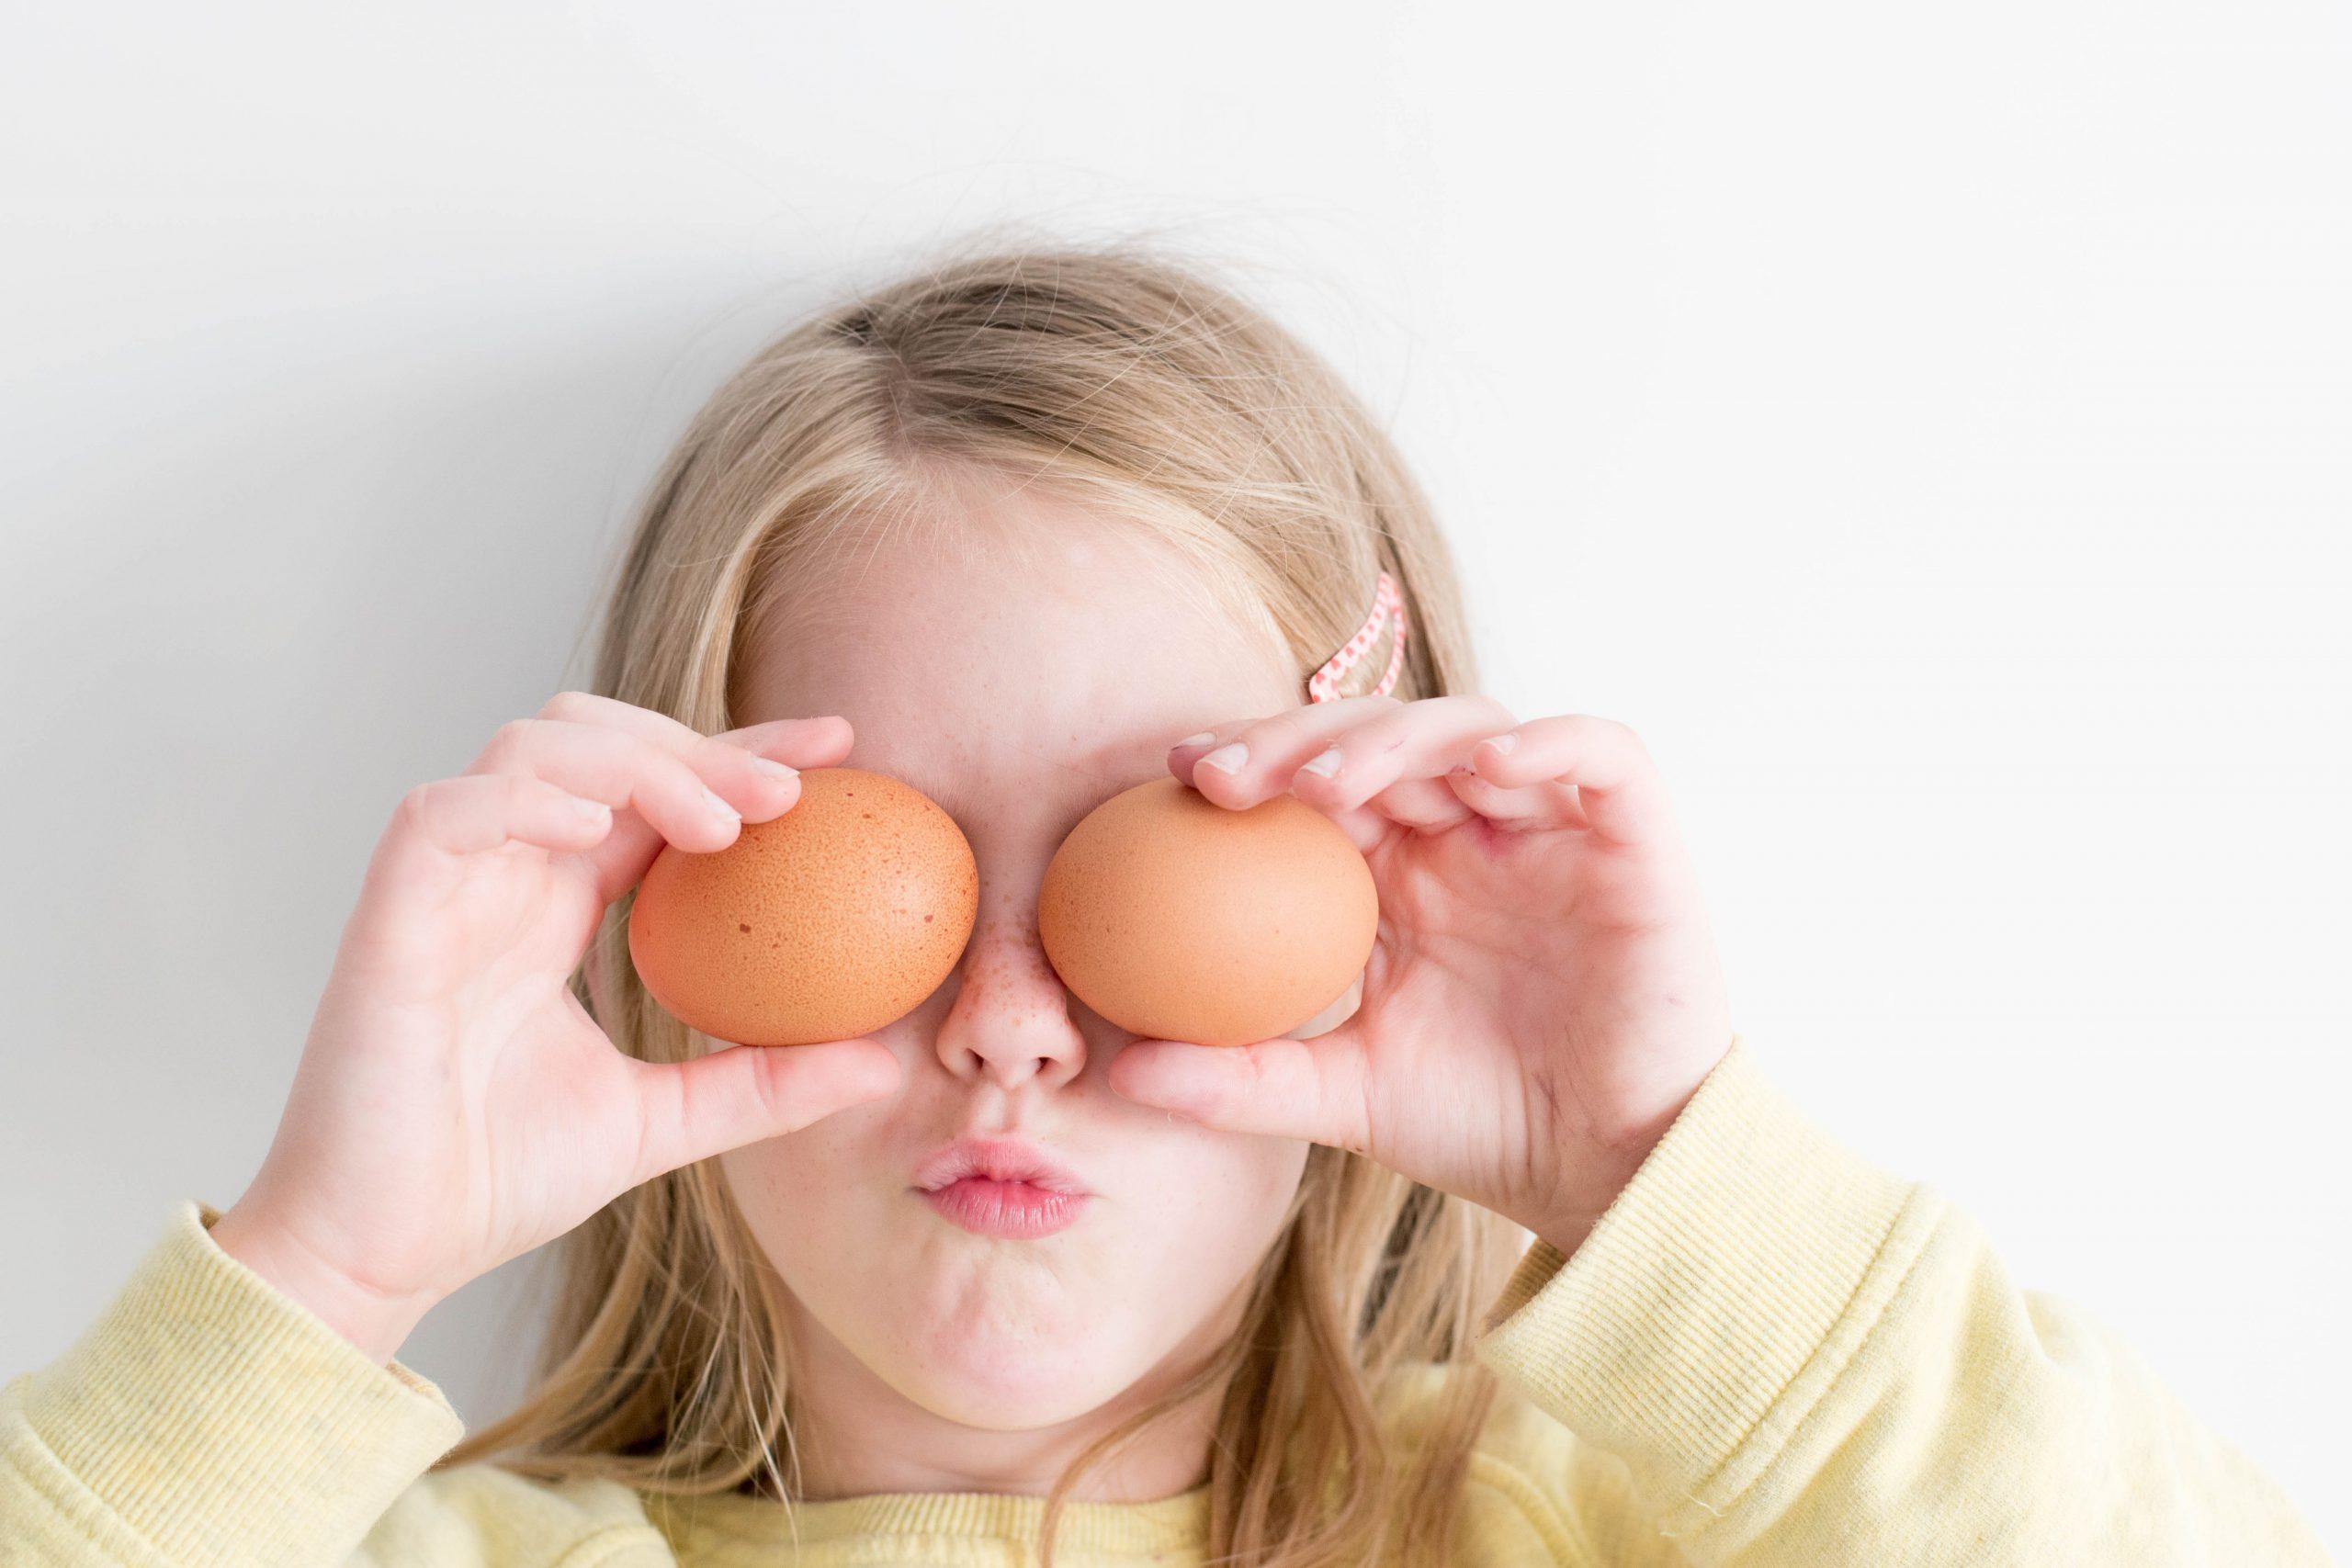 Mädchen hält sich Eier vor die Augen